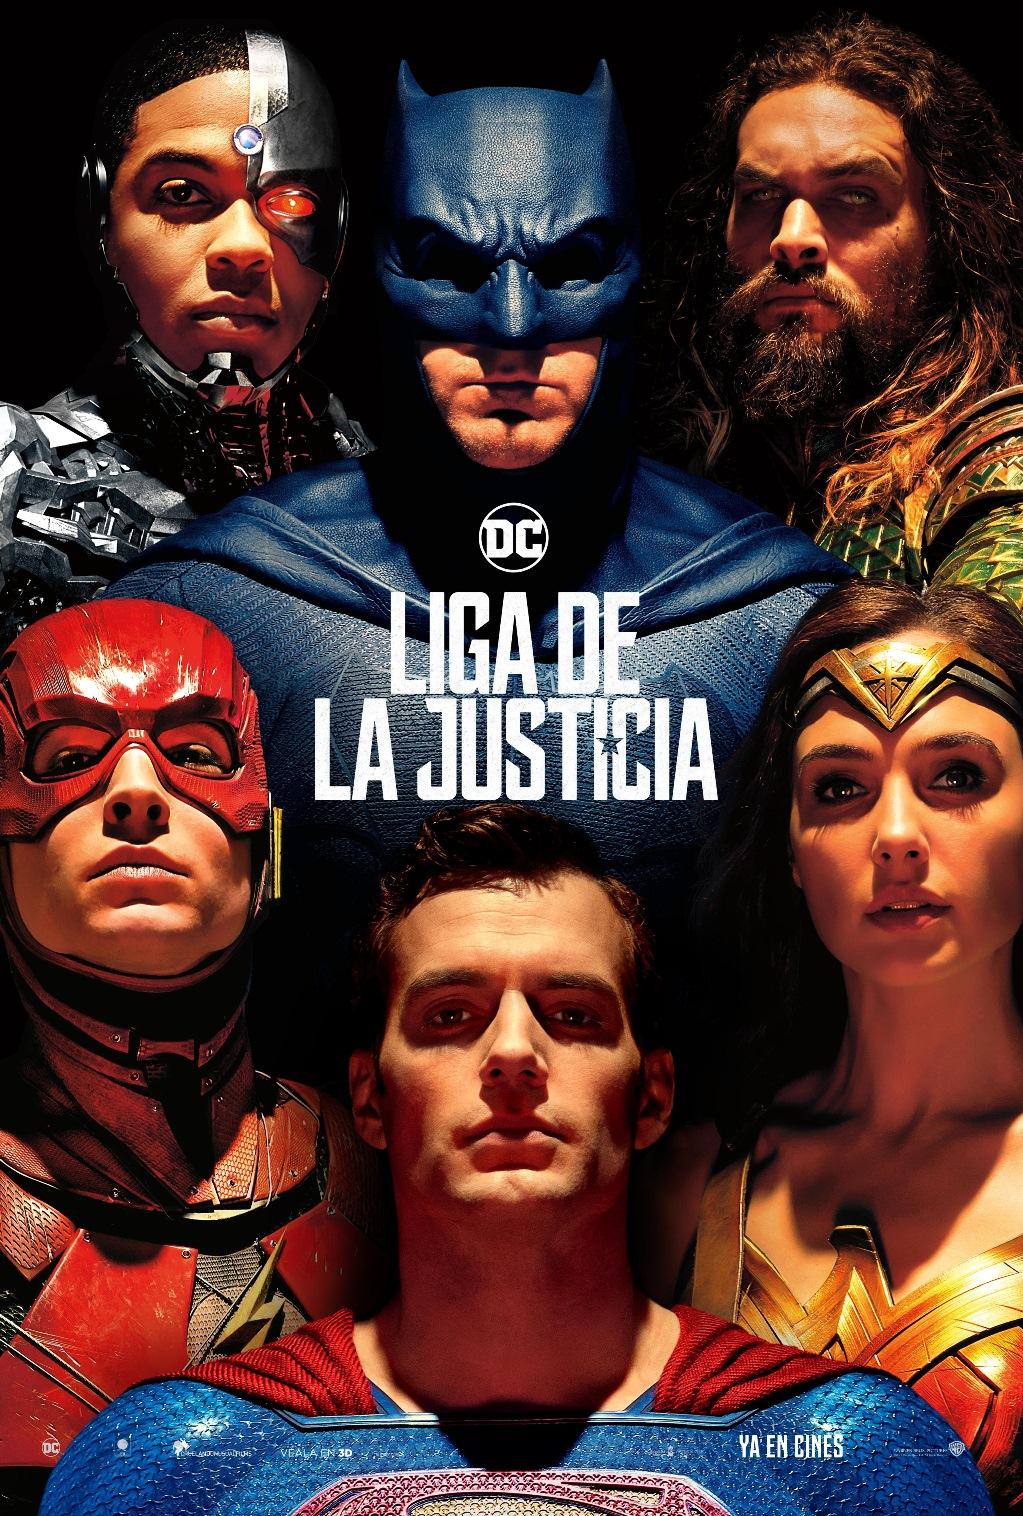 liga-de-la-justicia - Liga De La Justicia[Película][2017][Mega][2GB]  - Off Topic